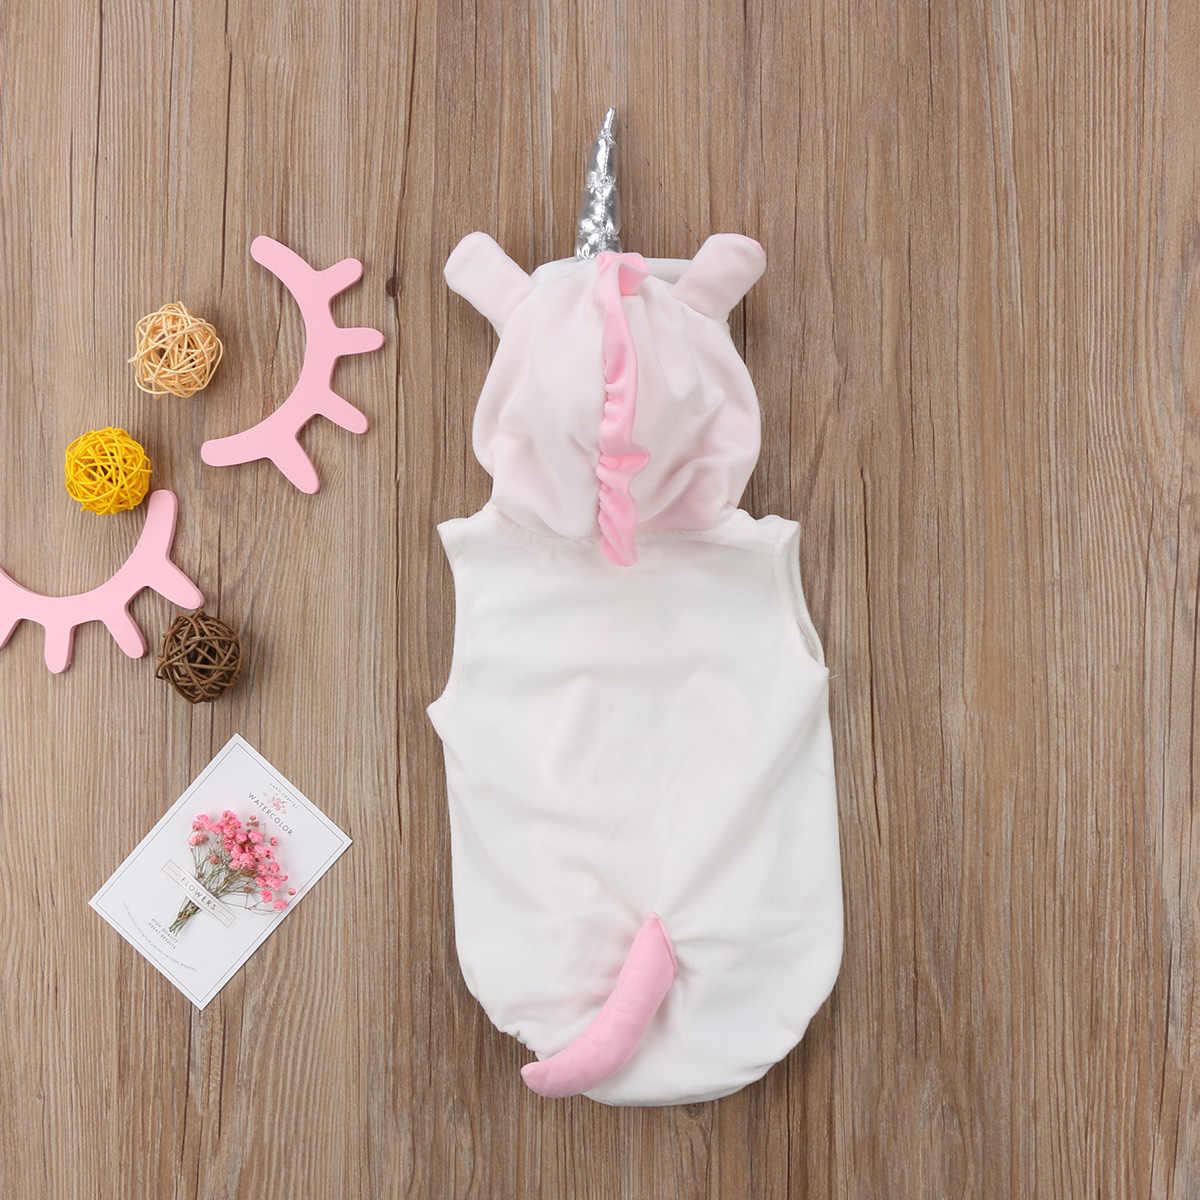 2018ใหม่เครื่องแต่งกายทารกแรกเกิดเด็กสาวR OmperขนแกะJ Umpsuit J Umperชุดน่ารักและแฟชั่นสบายป่าขายดิบขายดีCH